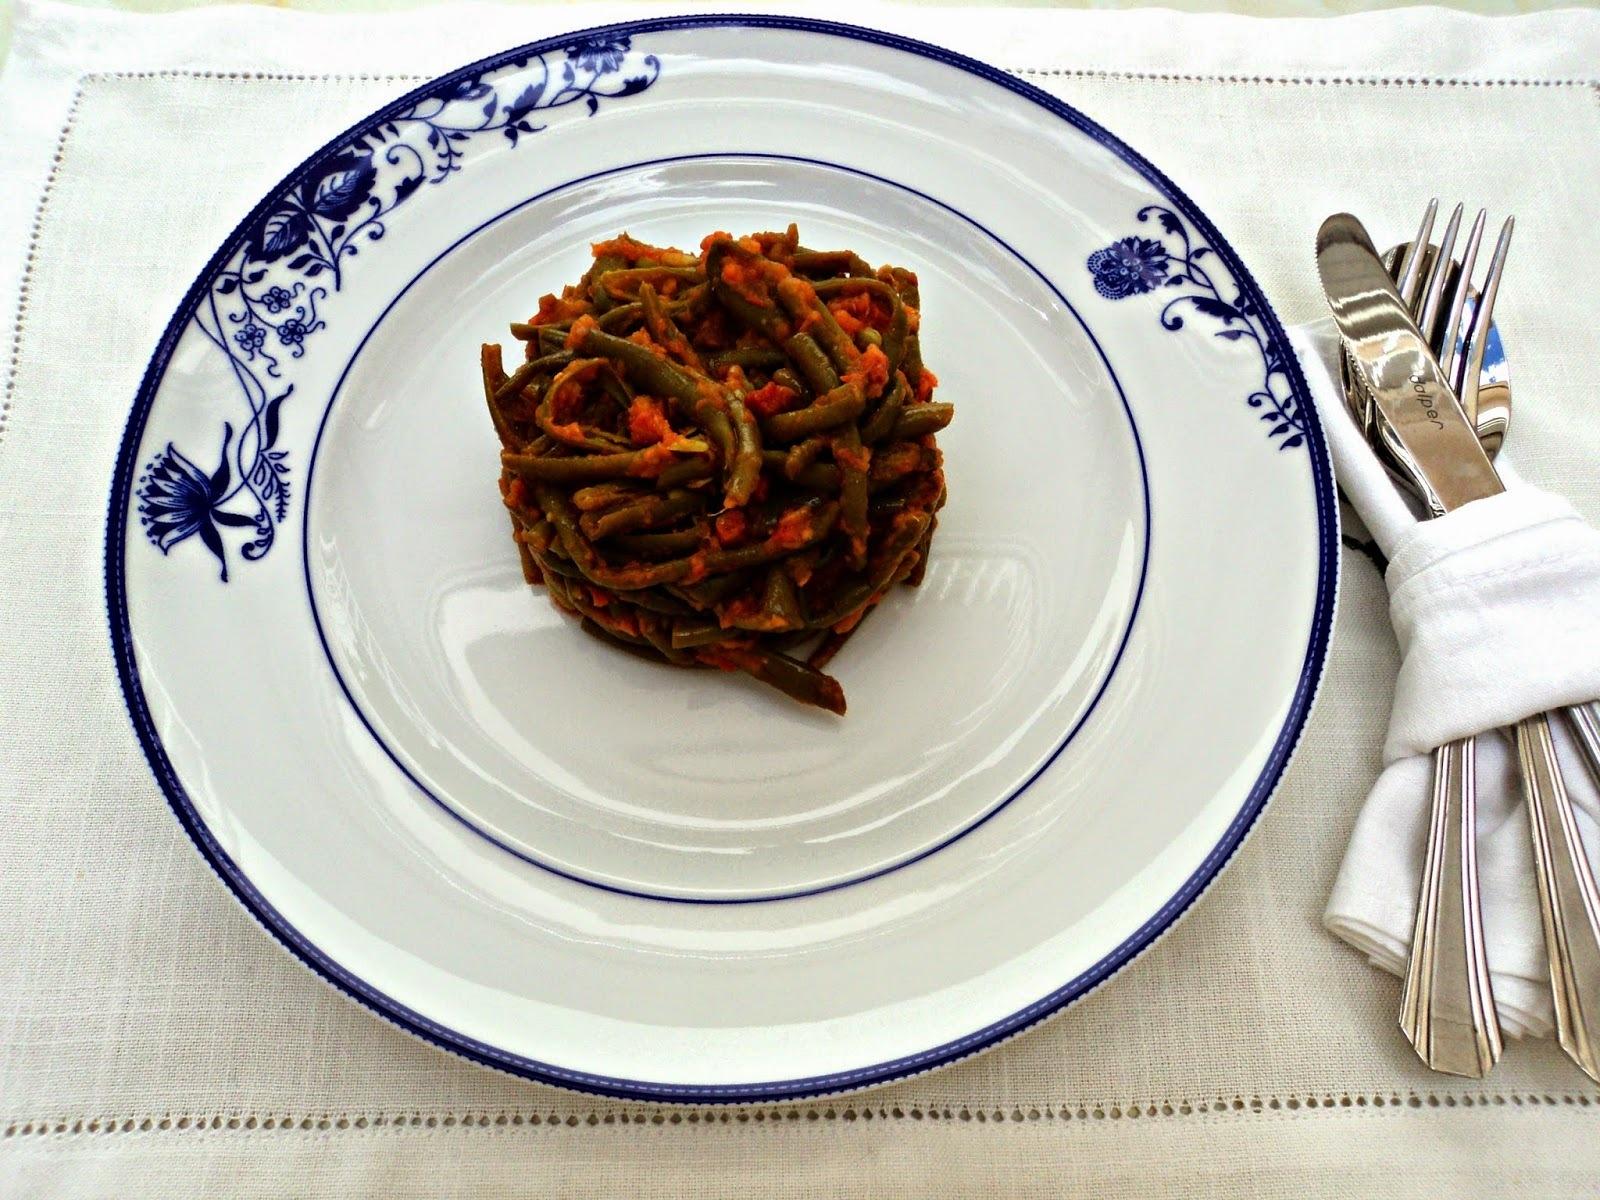 Ensalada templada de judías verdes, tomate y jamón